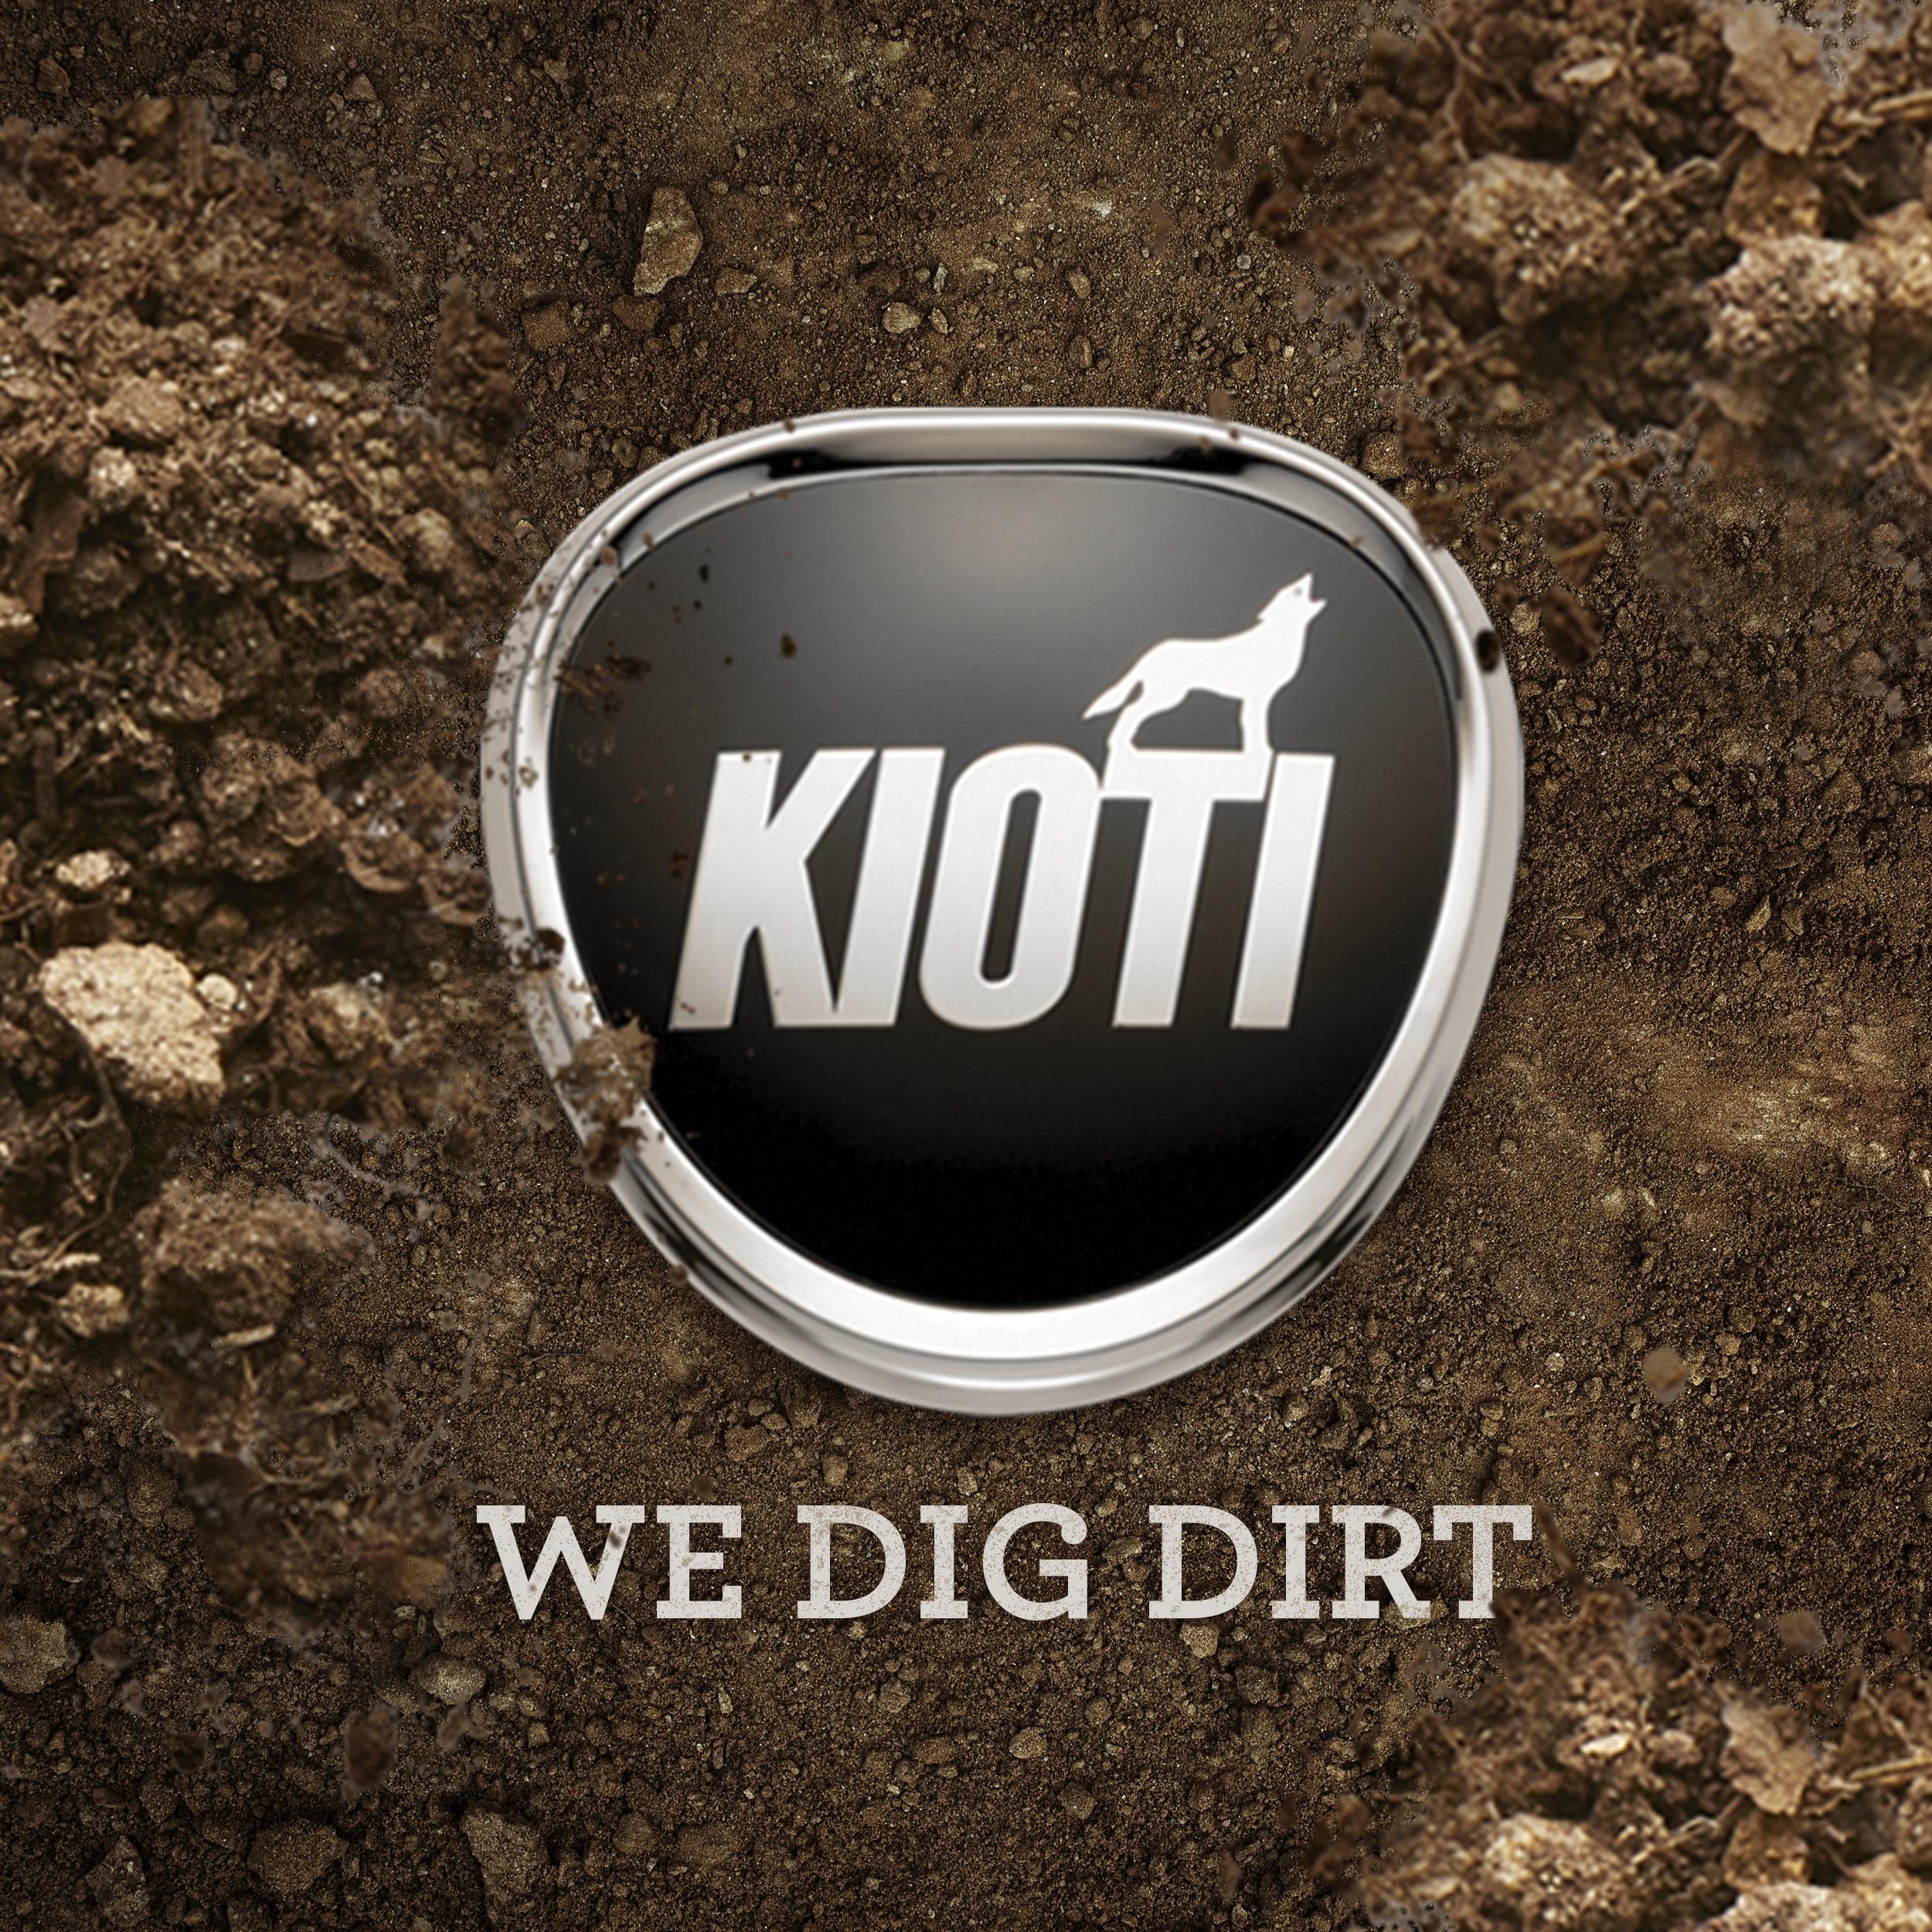 Kioti—We Dig Dirt